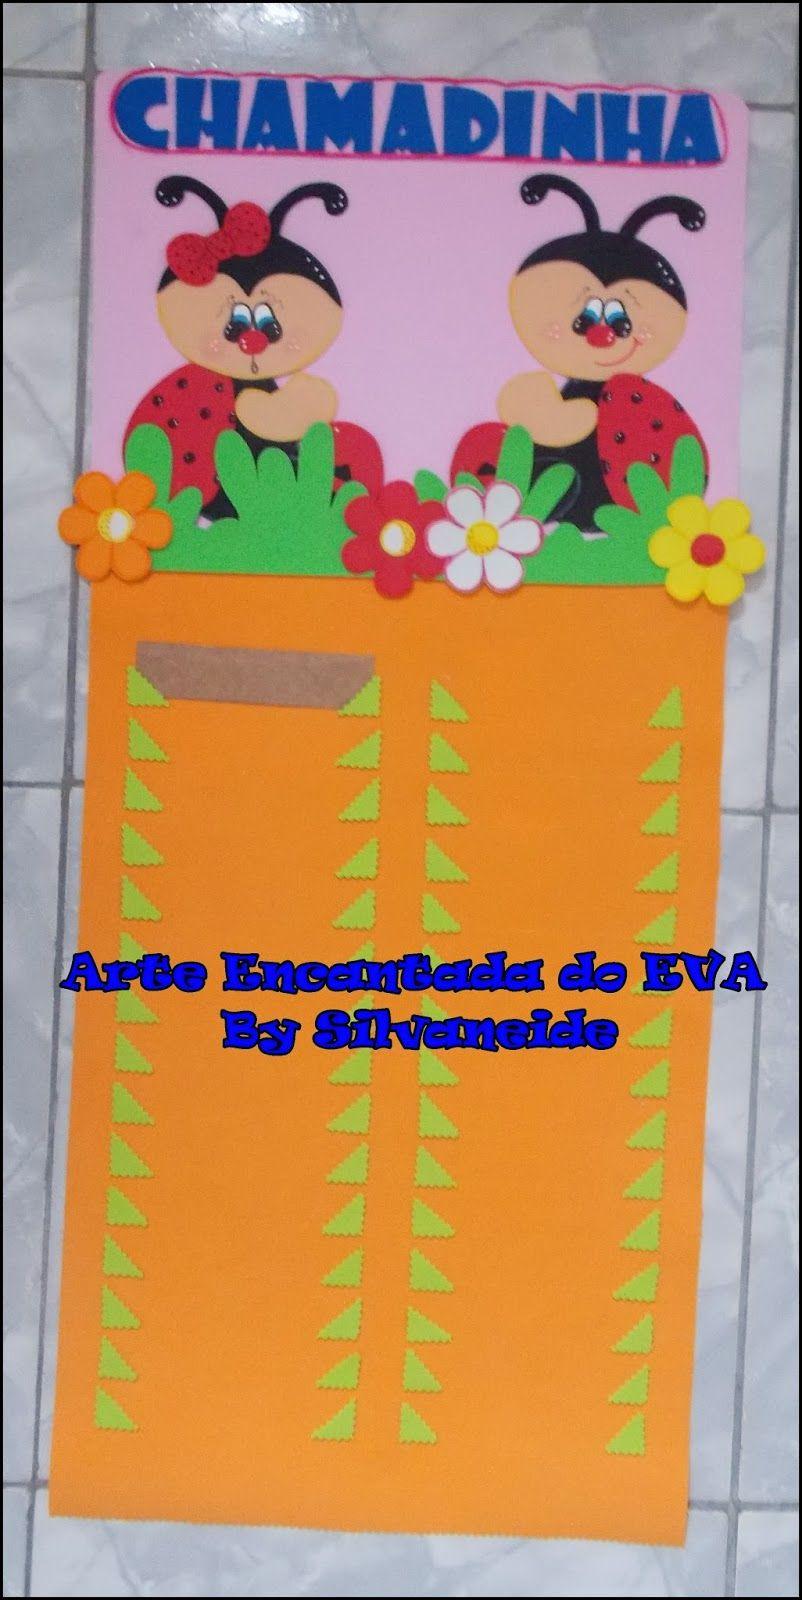 Arte Encantada Do Eva By Silvaneide Chamadinha Joaninha Decora O  -> Decoracao Sala De Artes